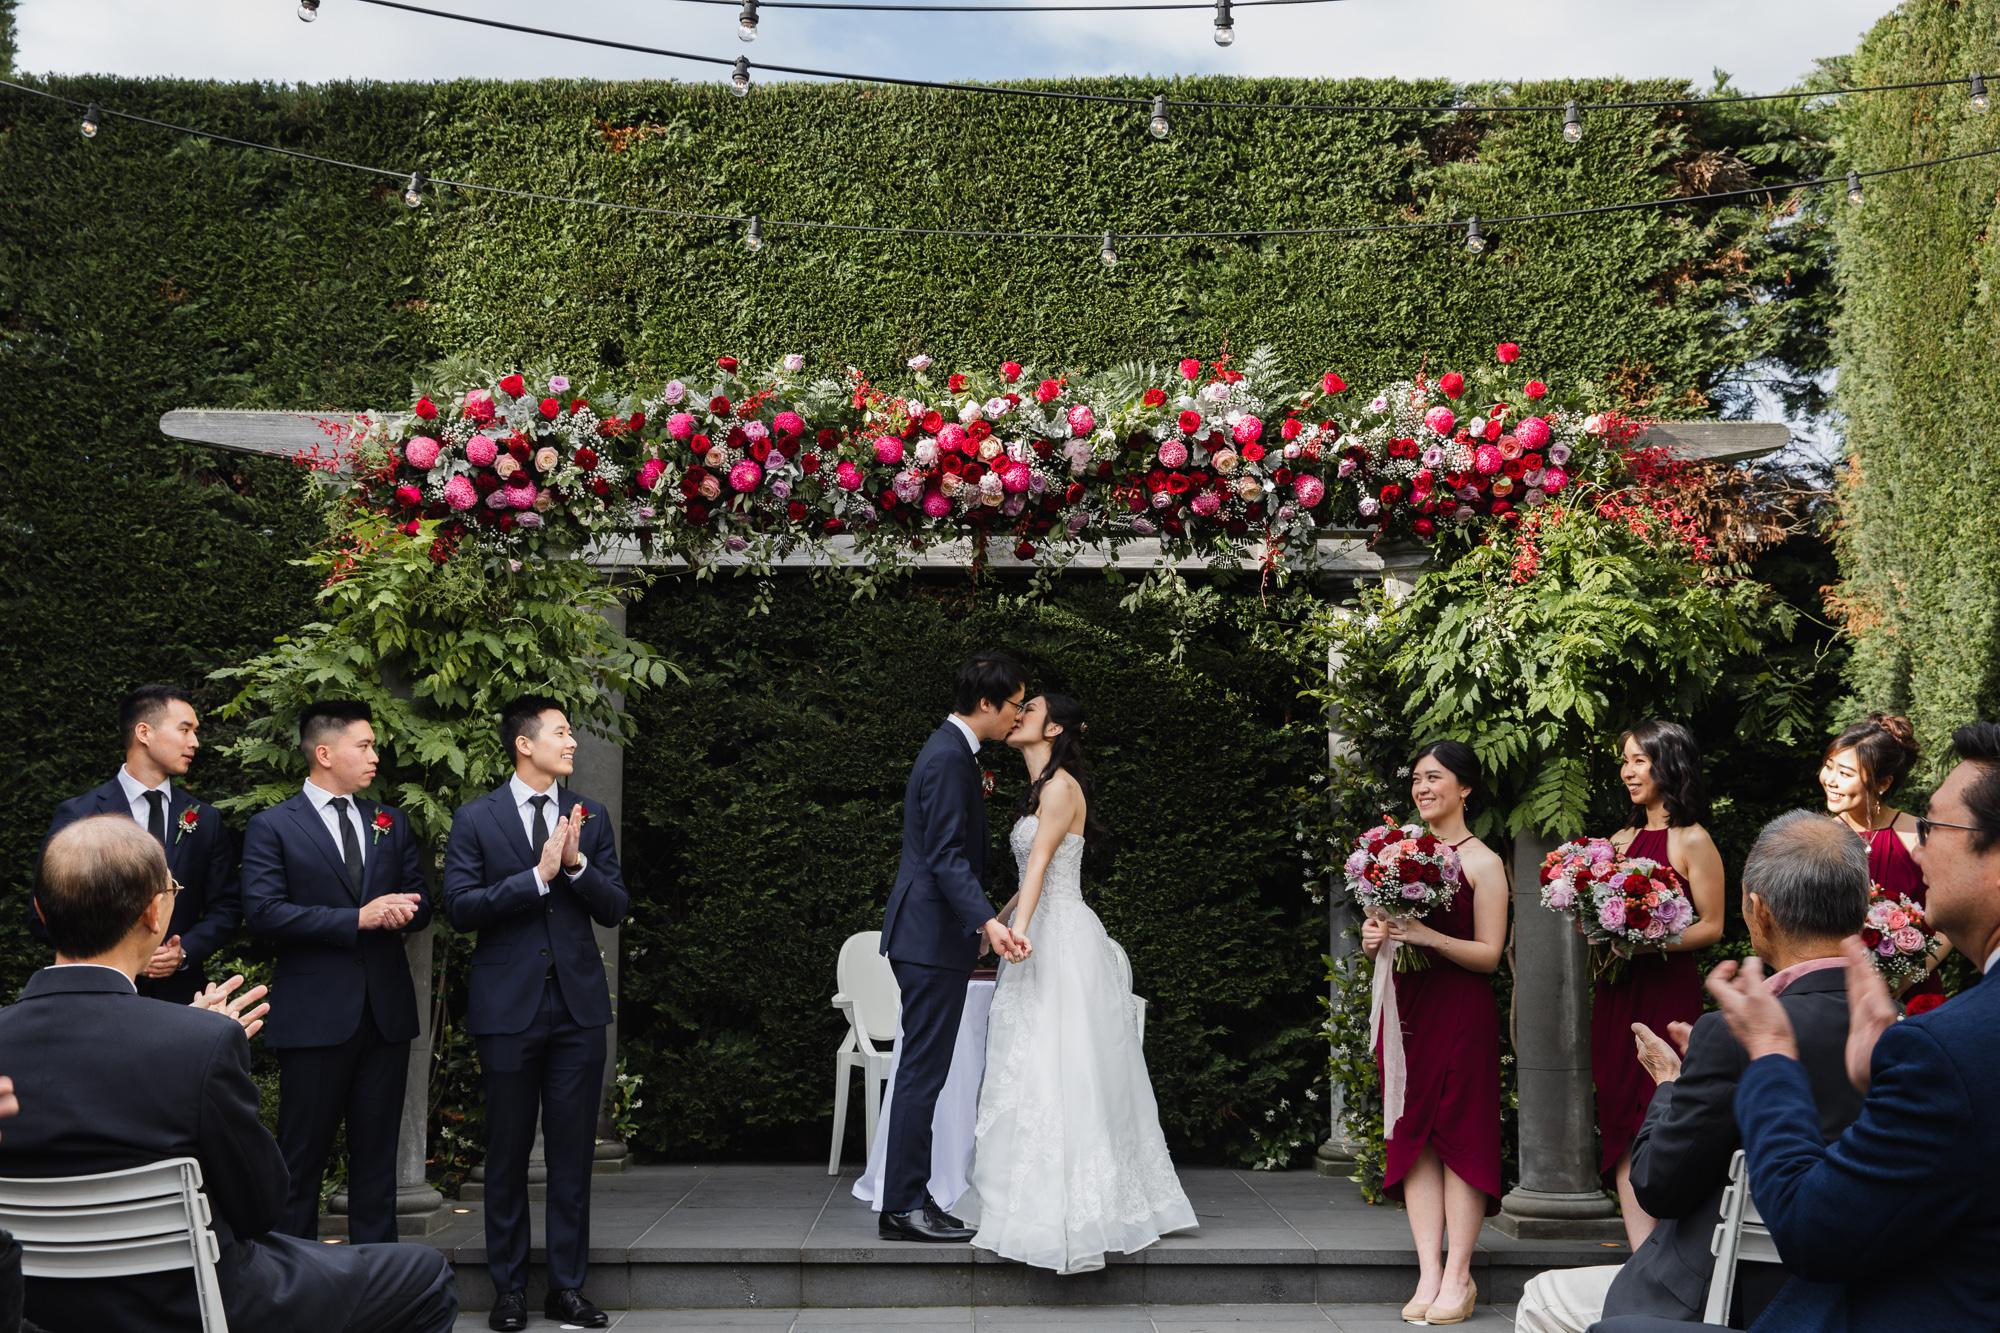 Folkstone-JW-Wedding-Web-206.JPG